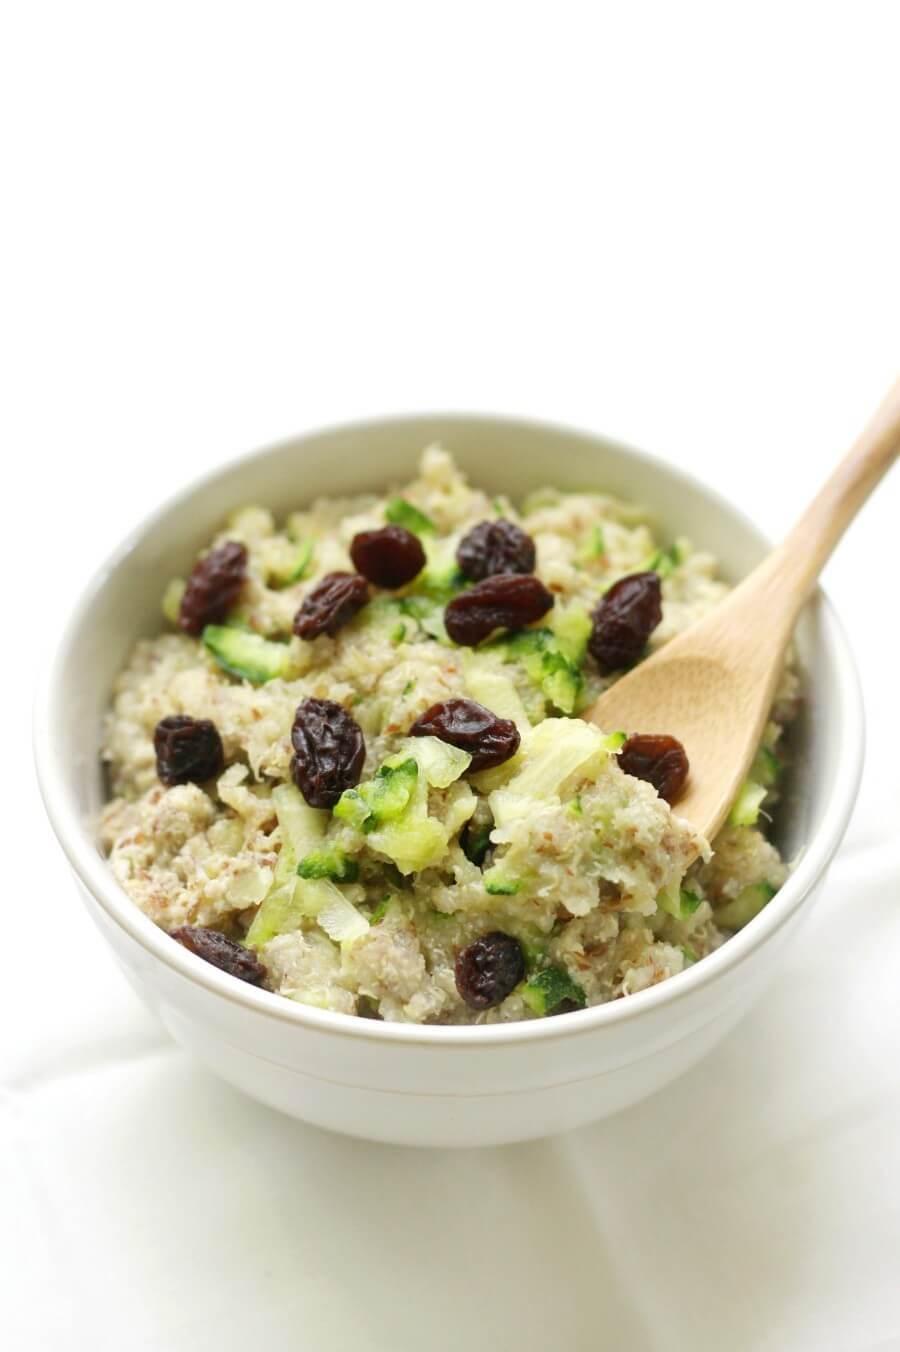 bowl of zucchini bread quinoa flakes with raisins